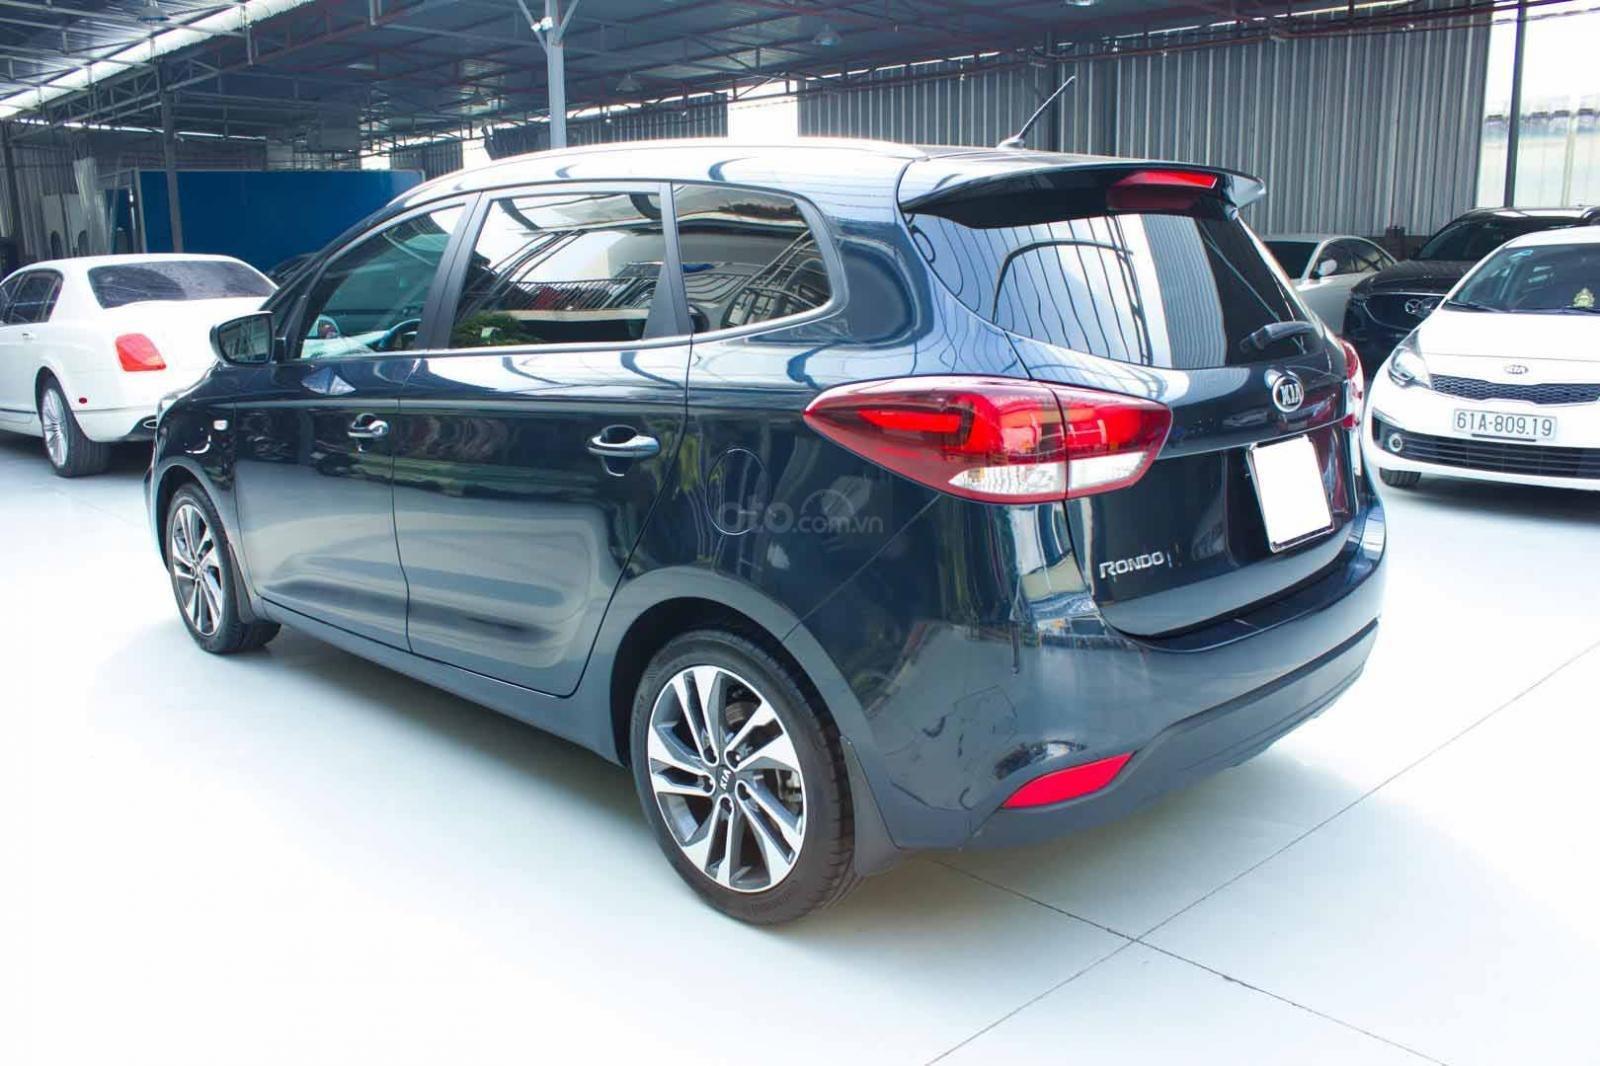 Bán xe Kia Rondo số sàn, màu xanh dương, một chủ cực đẹp mới như xe hãng (11)